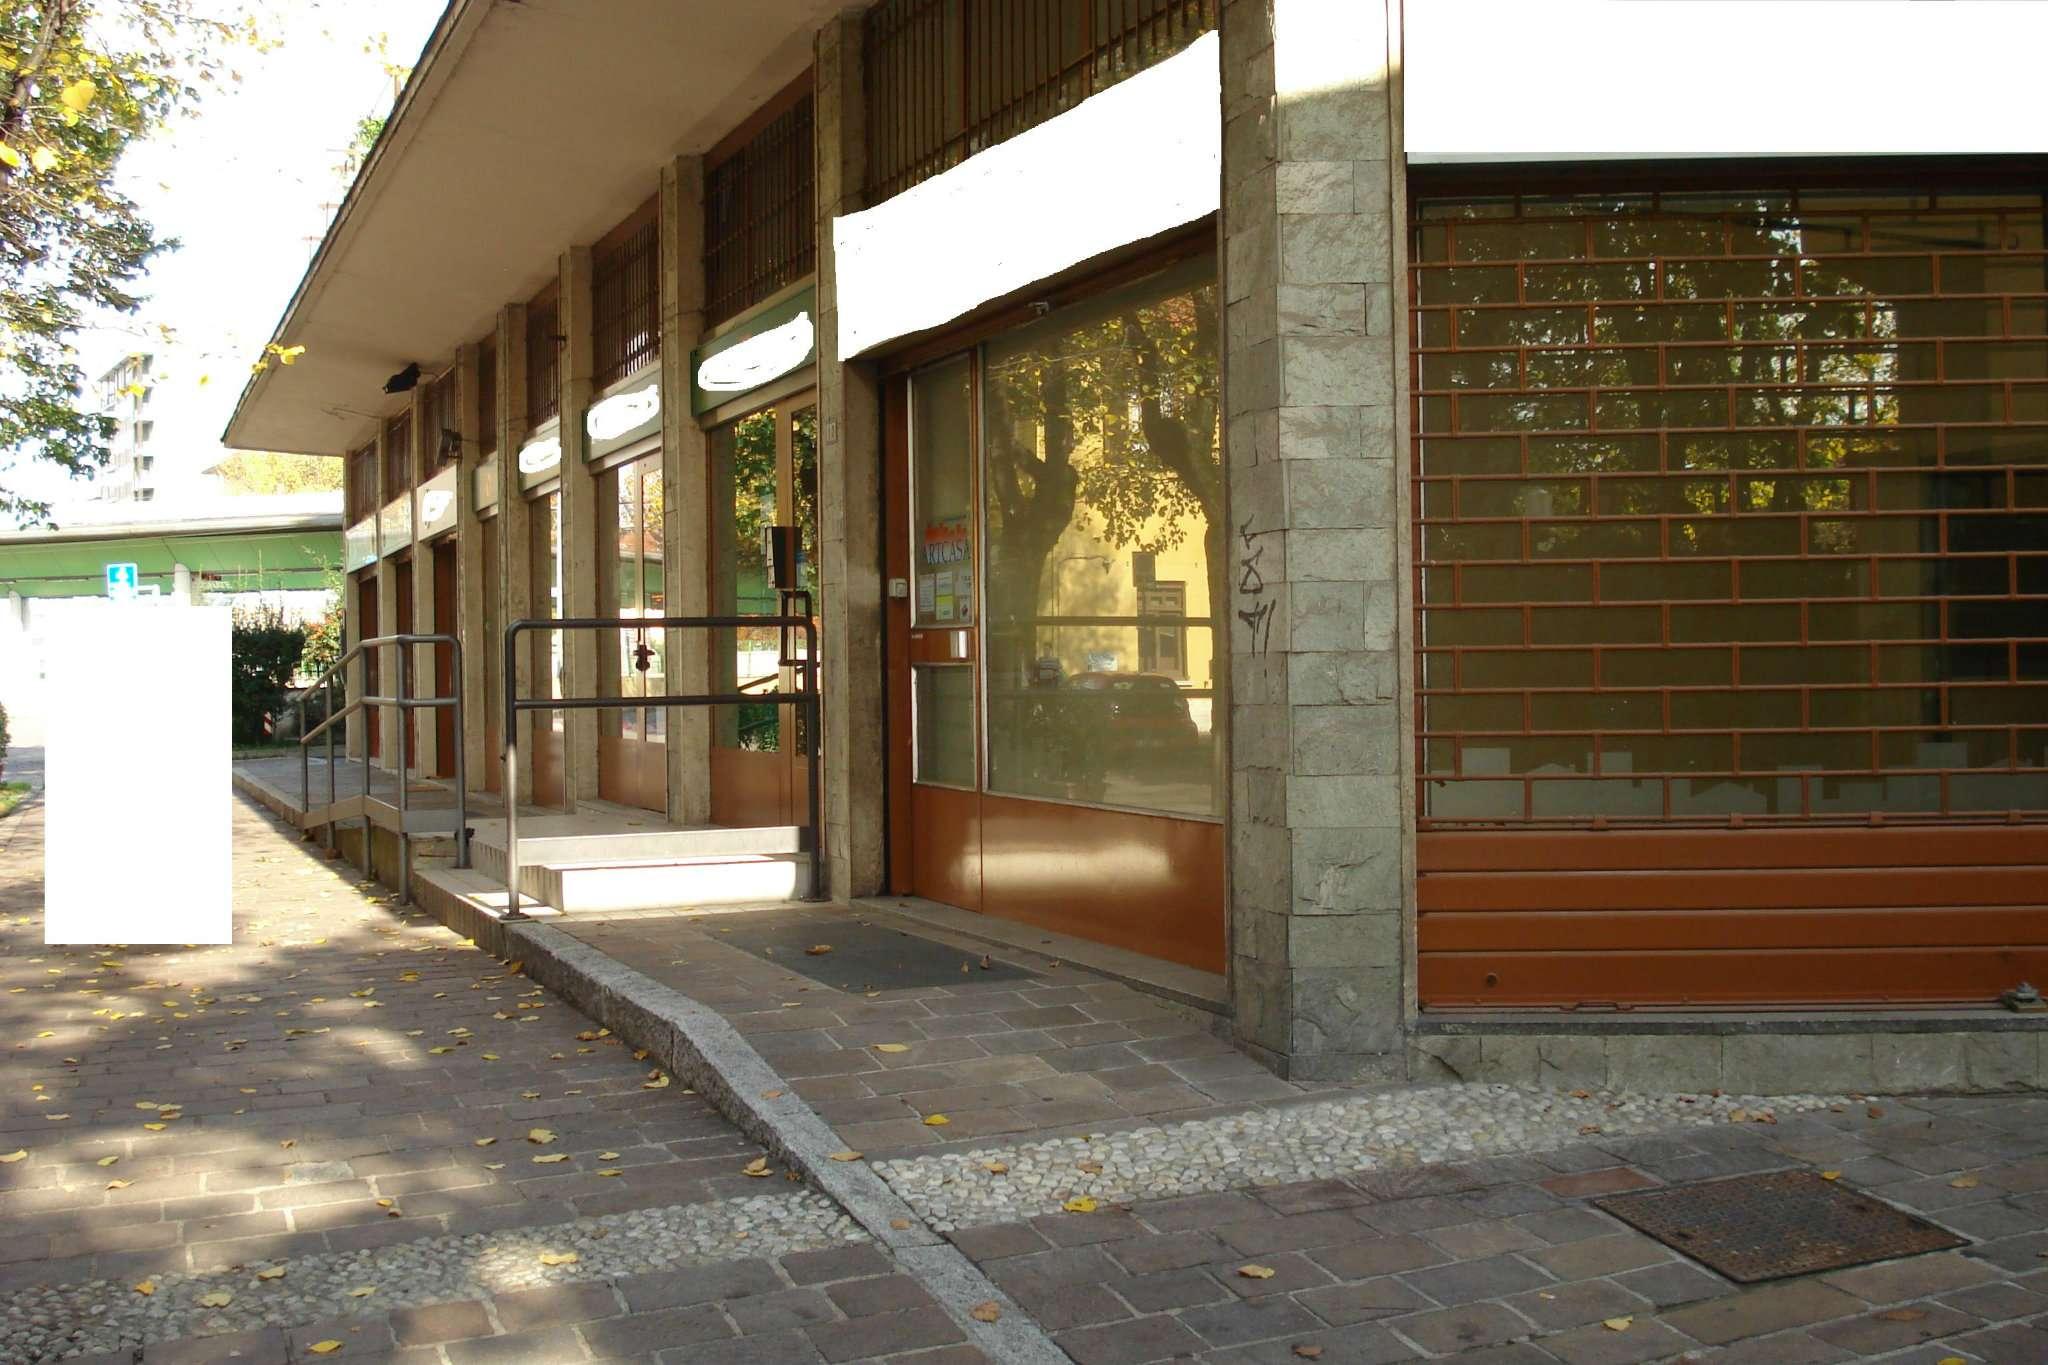 Negozio / Locale in affitto a Garbagnate Milanese, 6 locali, Trattative riservate | CambioCasa.it